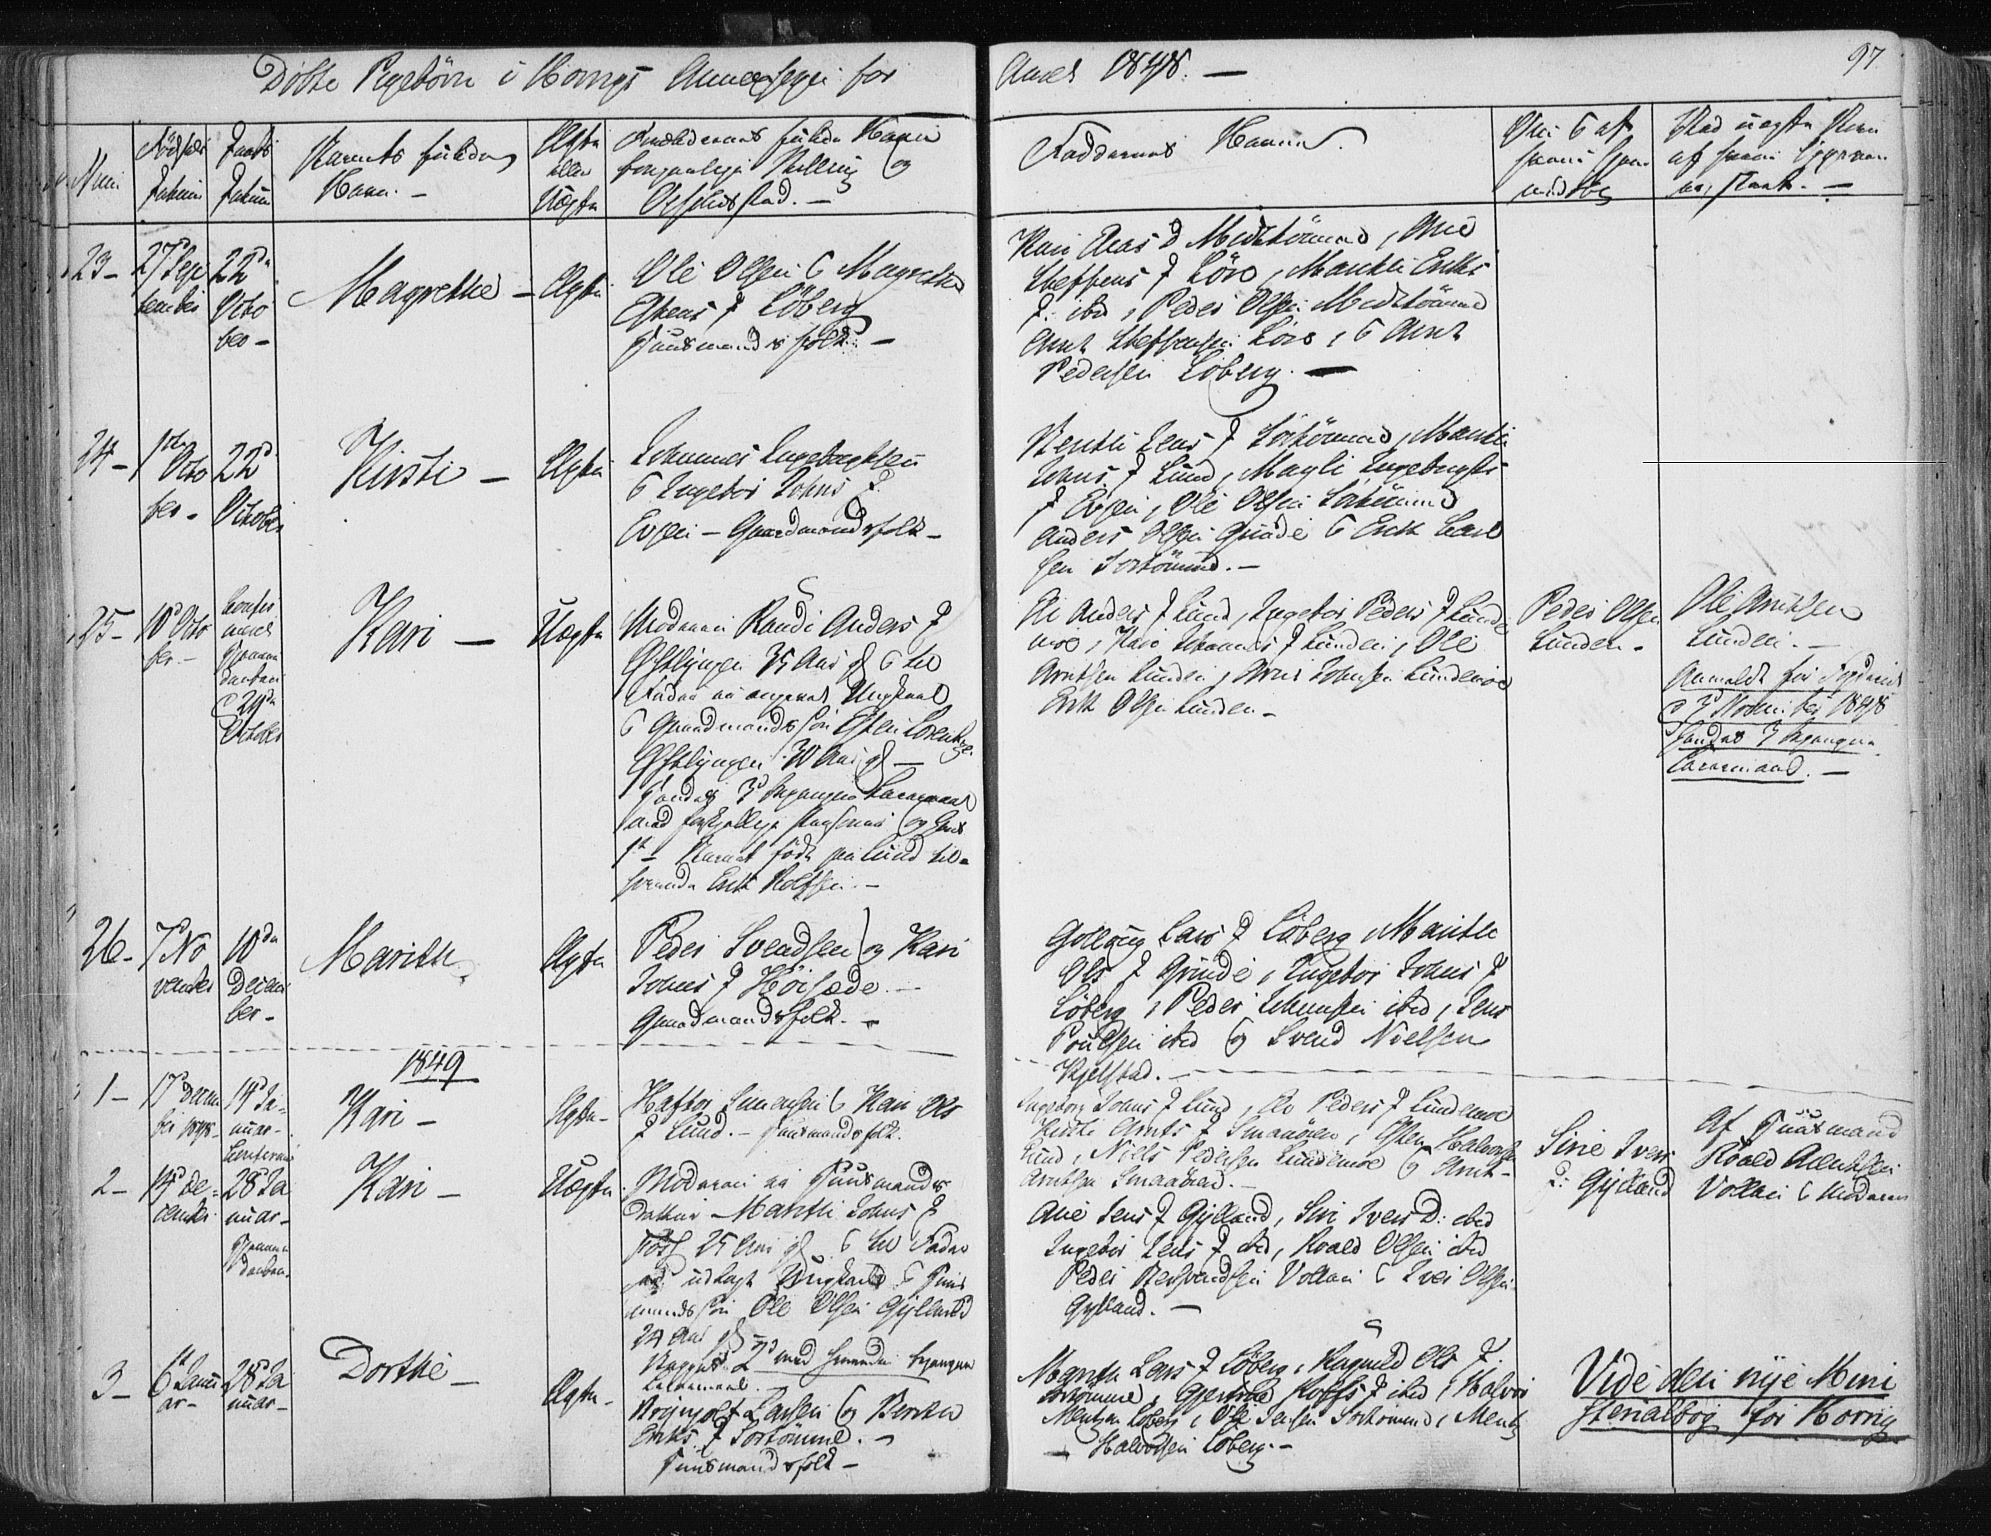 SAT, Ministerialprotokoller, klokkerbøker og fødselsregistre - Sør-Trøndelag, 687/L0998: Ministerialbok nr. 687A05 /2, 1843-1849, s. 97